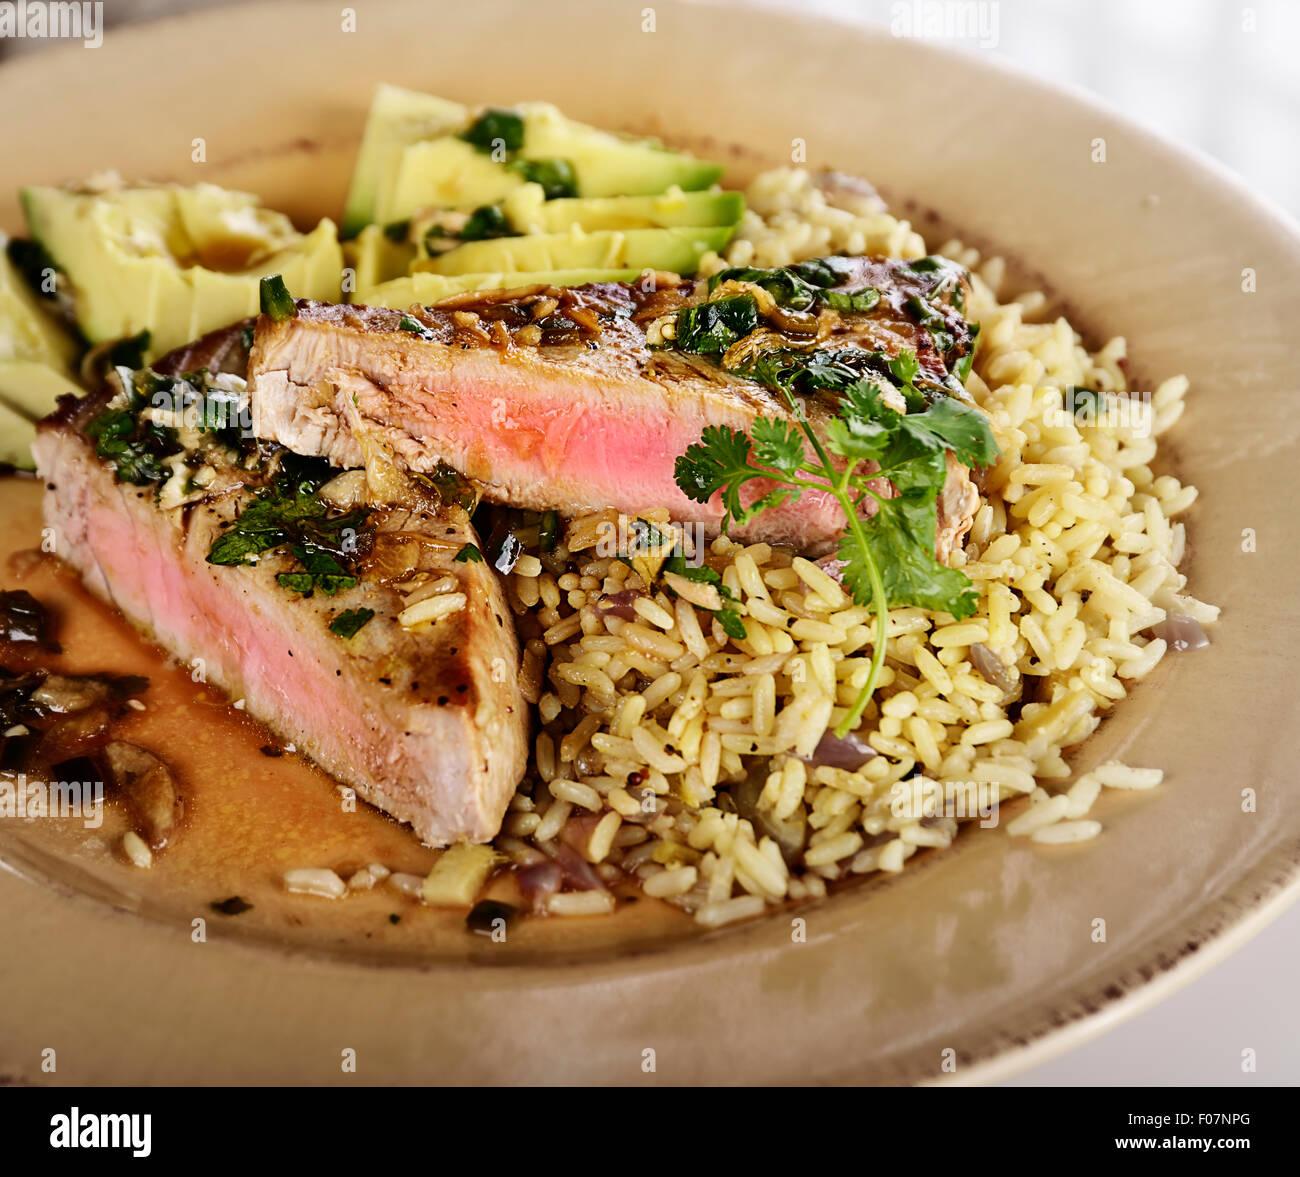 Ahi bistecca di tonno con riso e avocado Immagini Stock